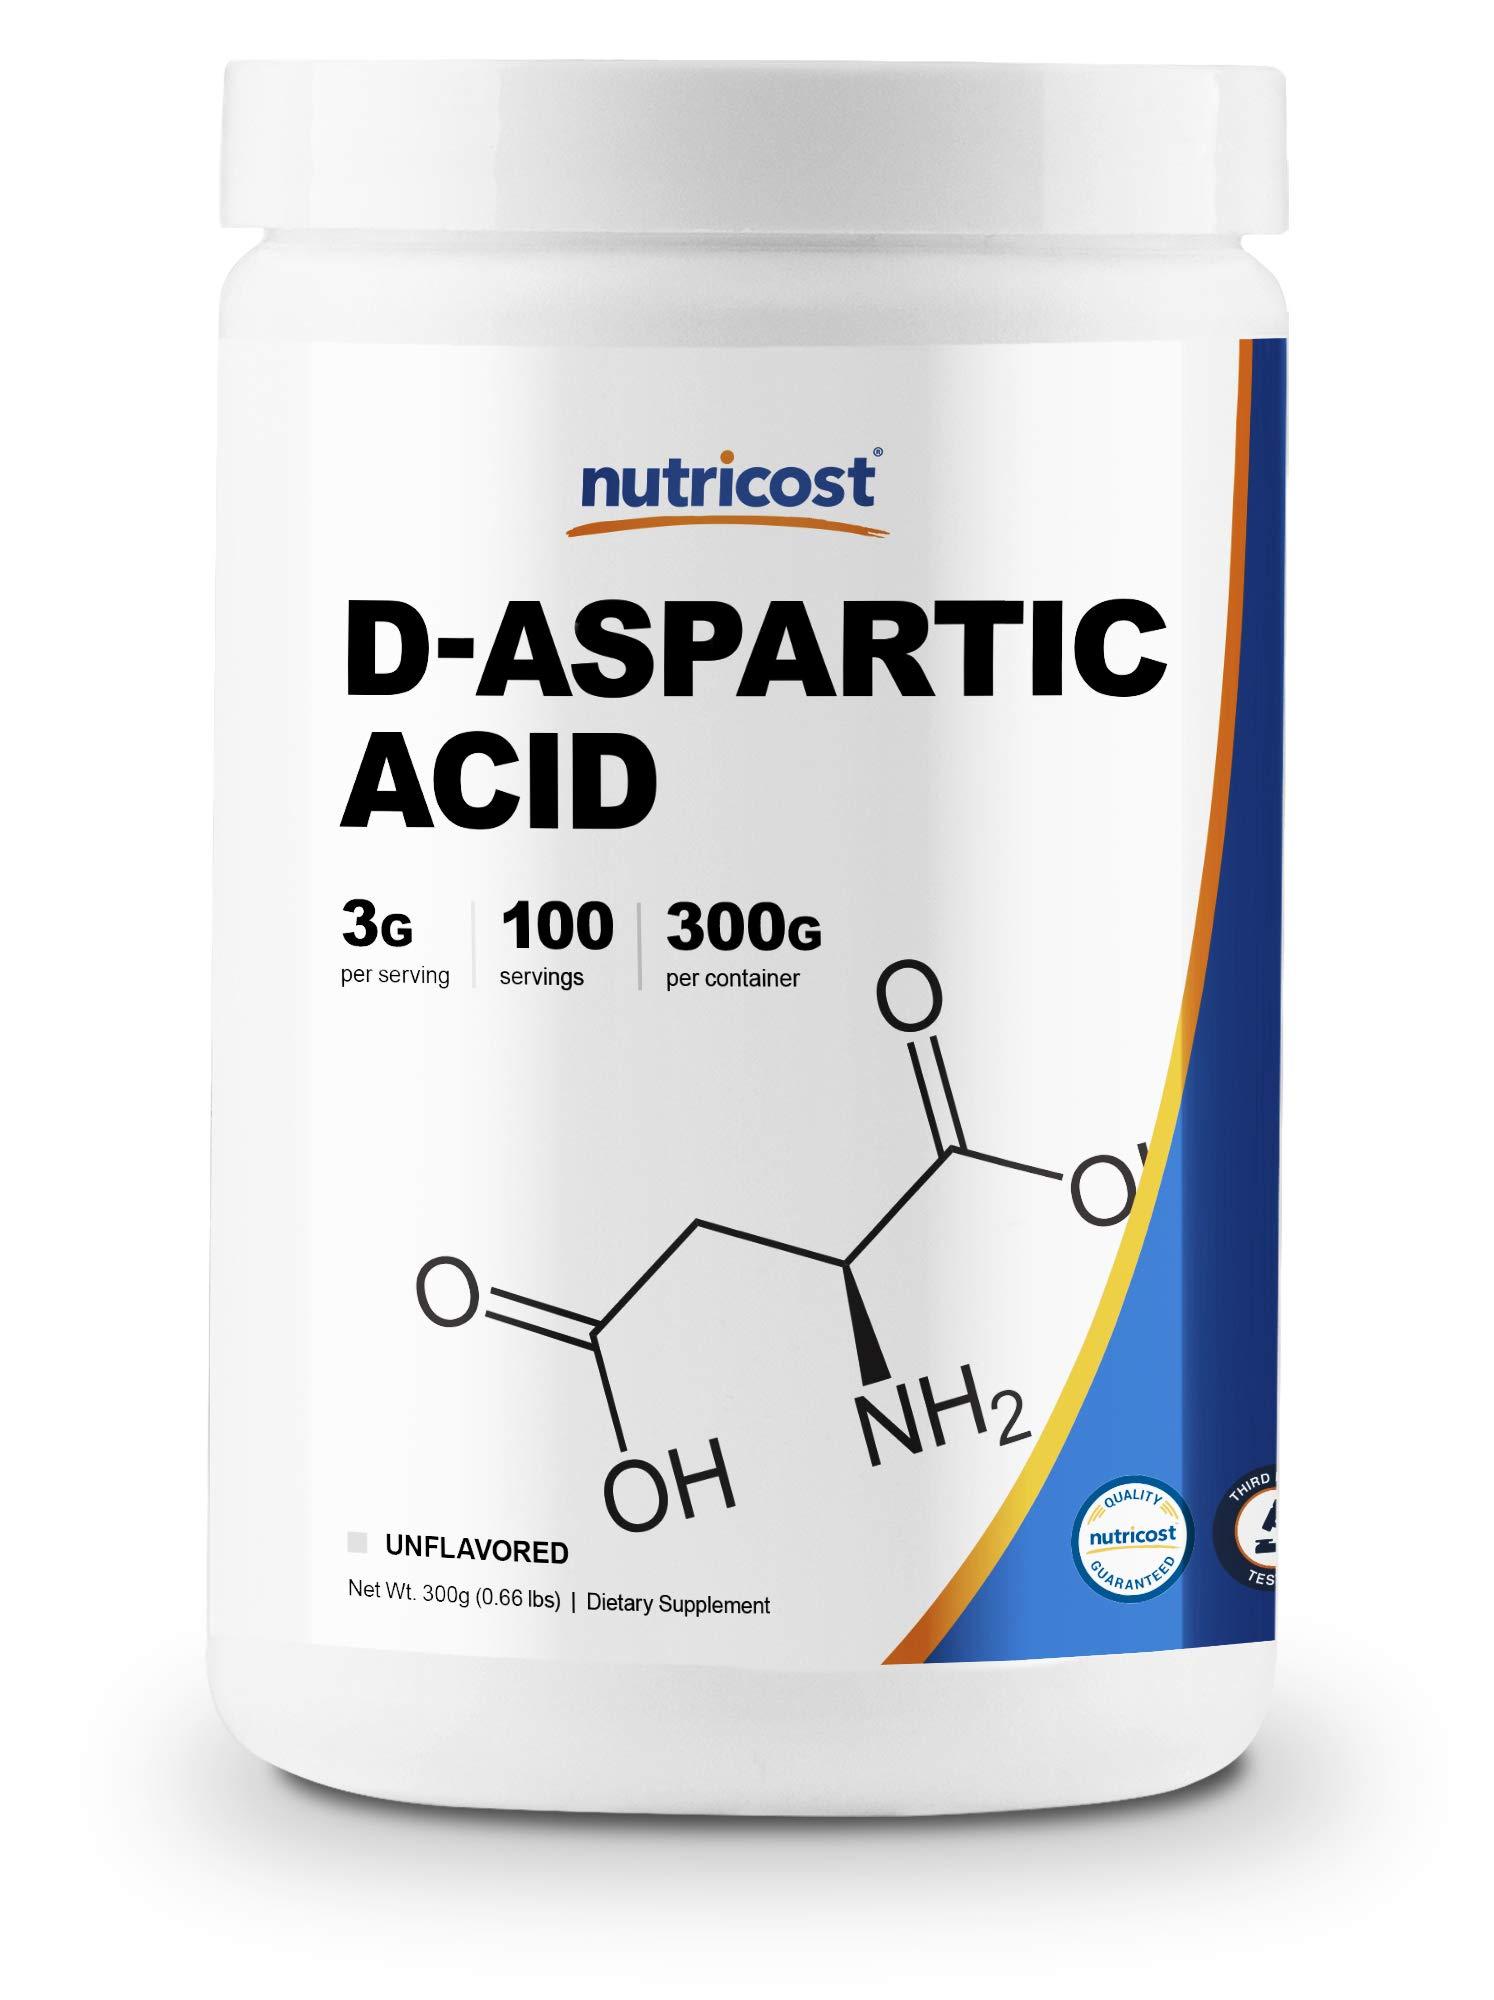 Nutricost D-Aspartic Acid (DAA) Powder 300G - Pure D Aspartic Acid